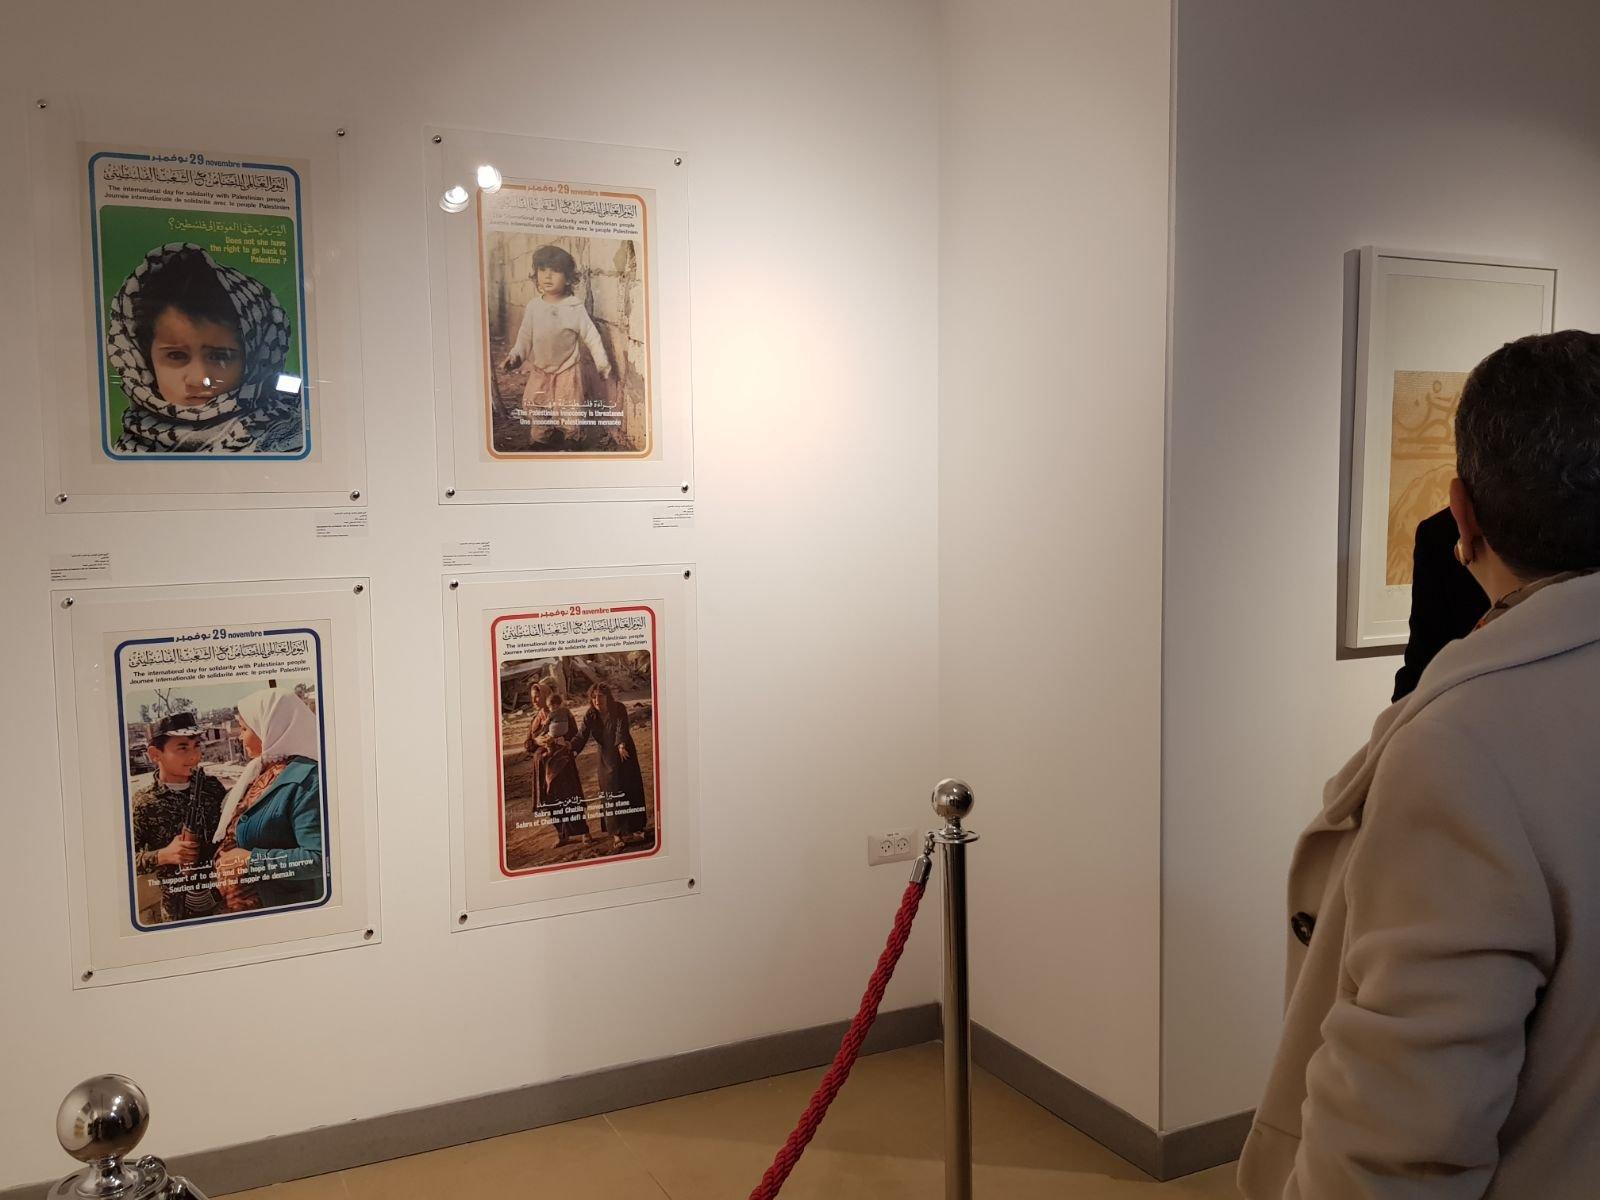 معرض يصور الأفكار والمفاهيم المتعلقة بالثورة الفلسطينية في عقدي السبعينات والثمانيات-7